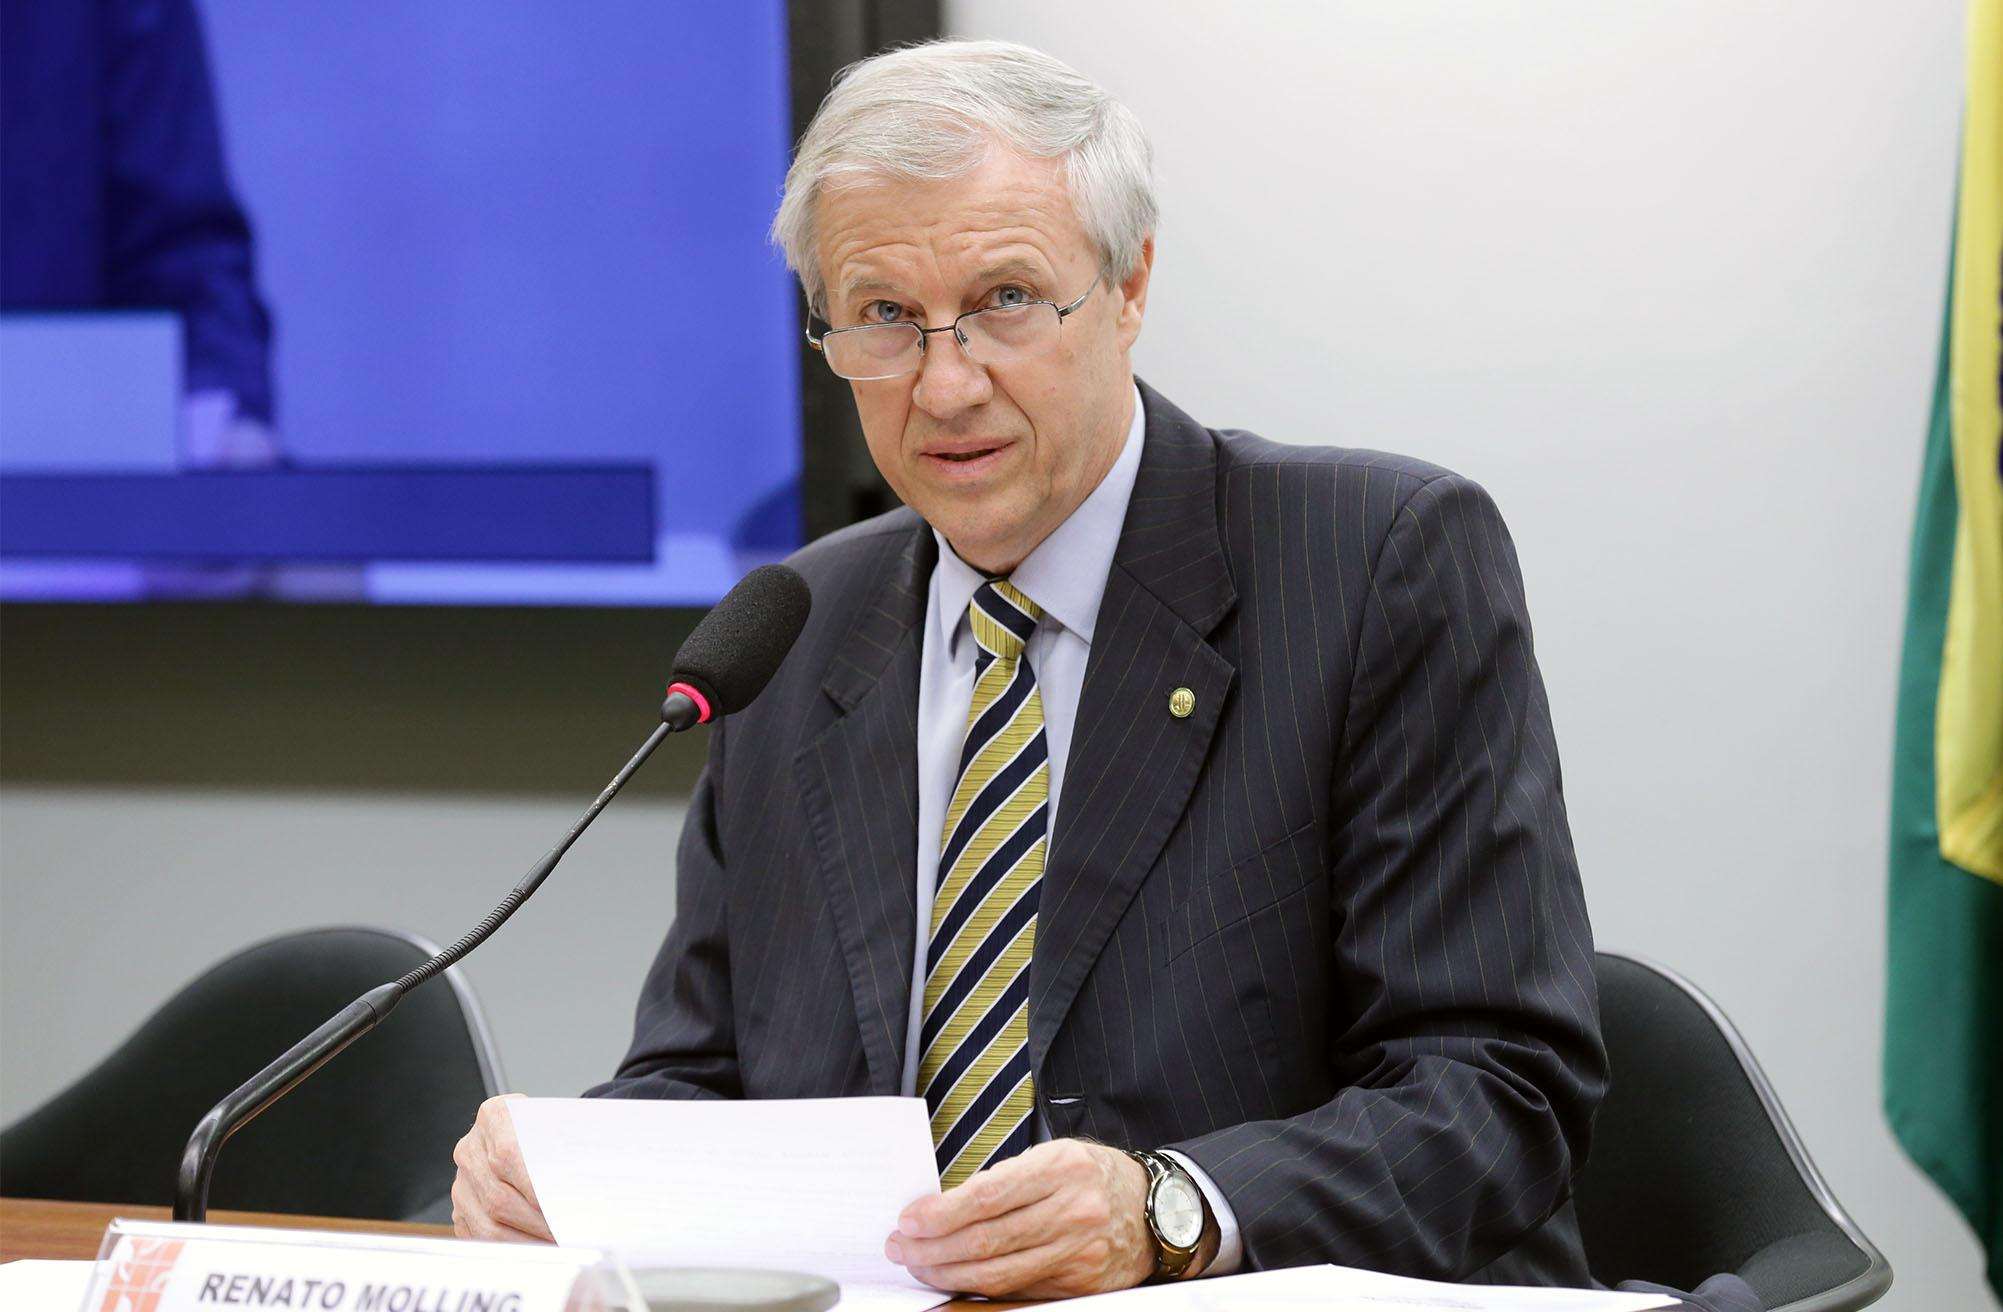 Audiência pública sobre a redução das alíquotas de importação para bens de capital e informática. Dep. Renato Molling (PP - RS)